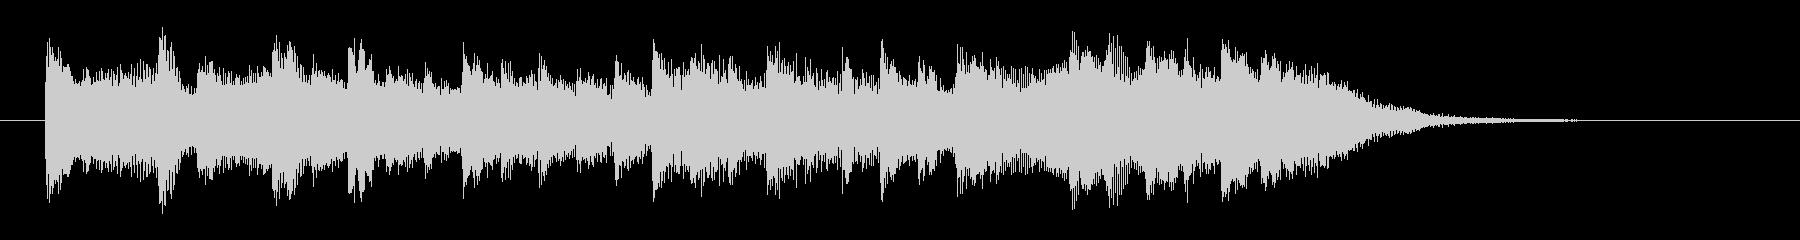 切ないバラード風ピアノソロの未再生の波形